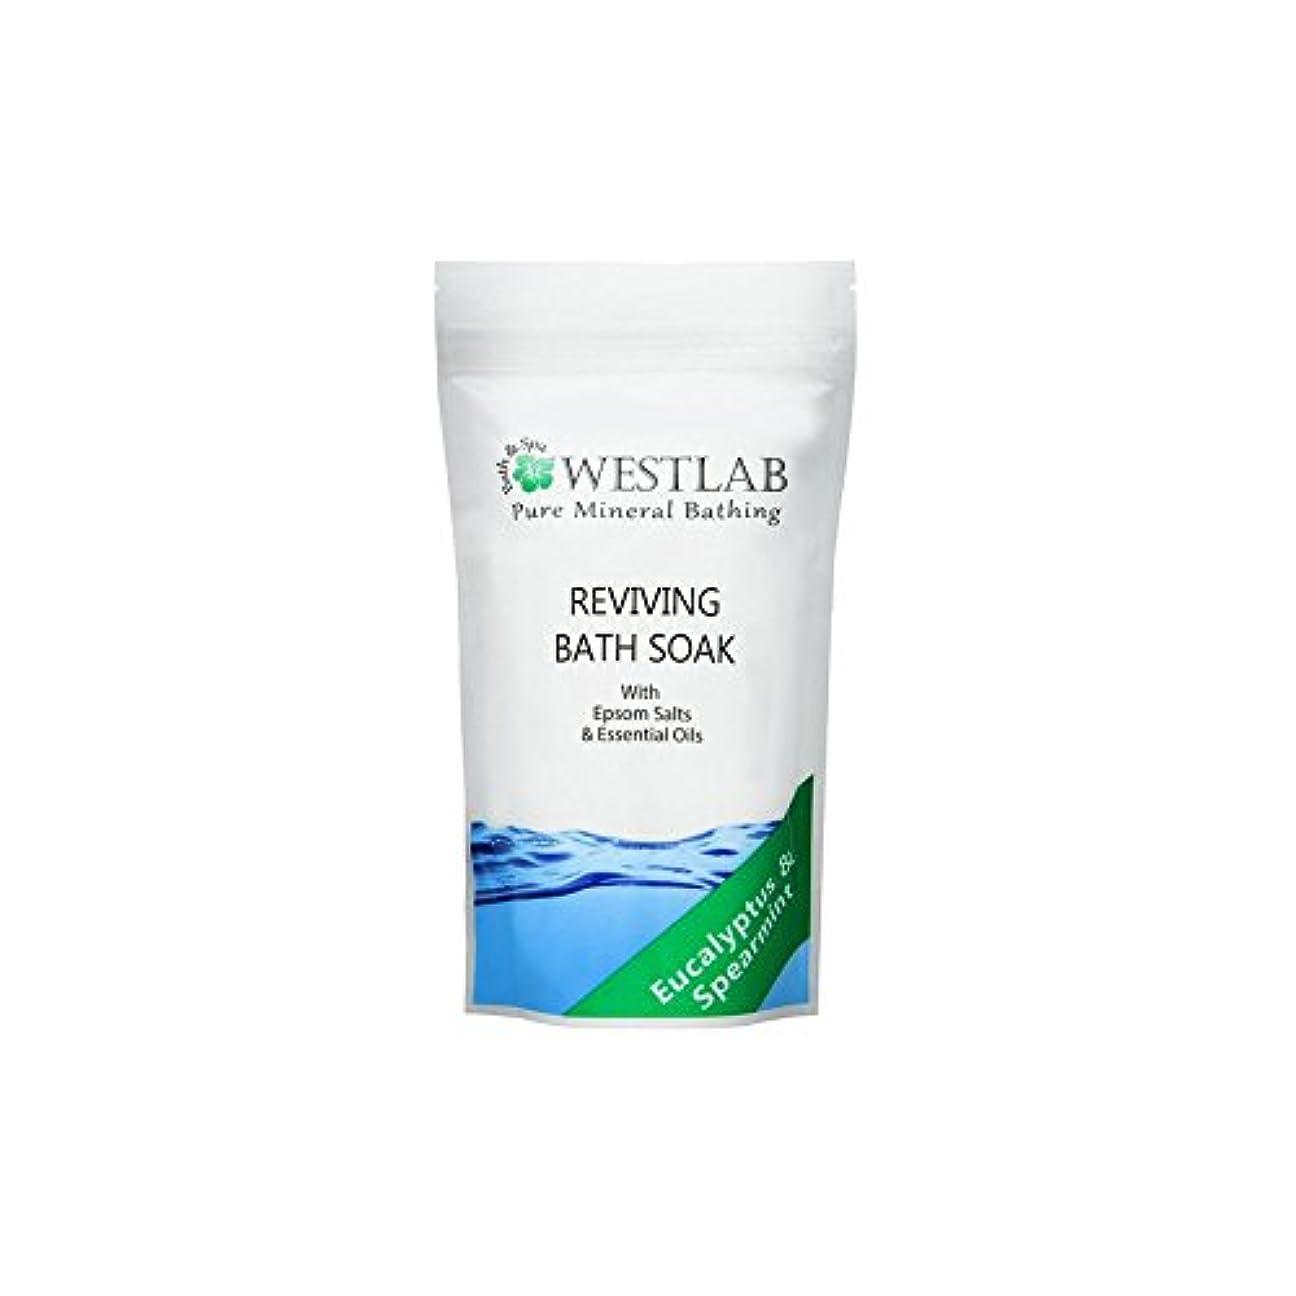 墓地誤解させる近くWestlab Revive Epsom Salt Bath Soak (500g) - (500グラム)をソークエプソム塩浴を復活させます [並行輸入品]